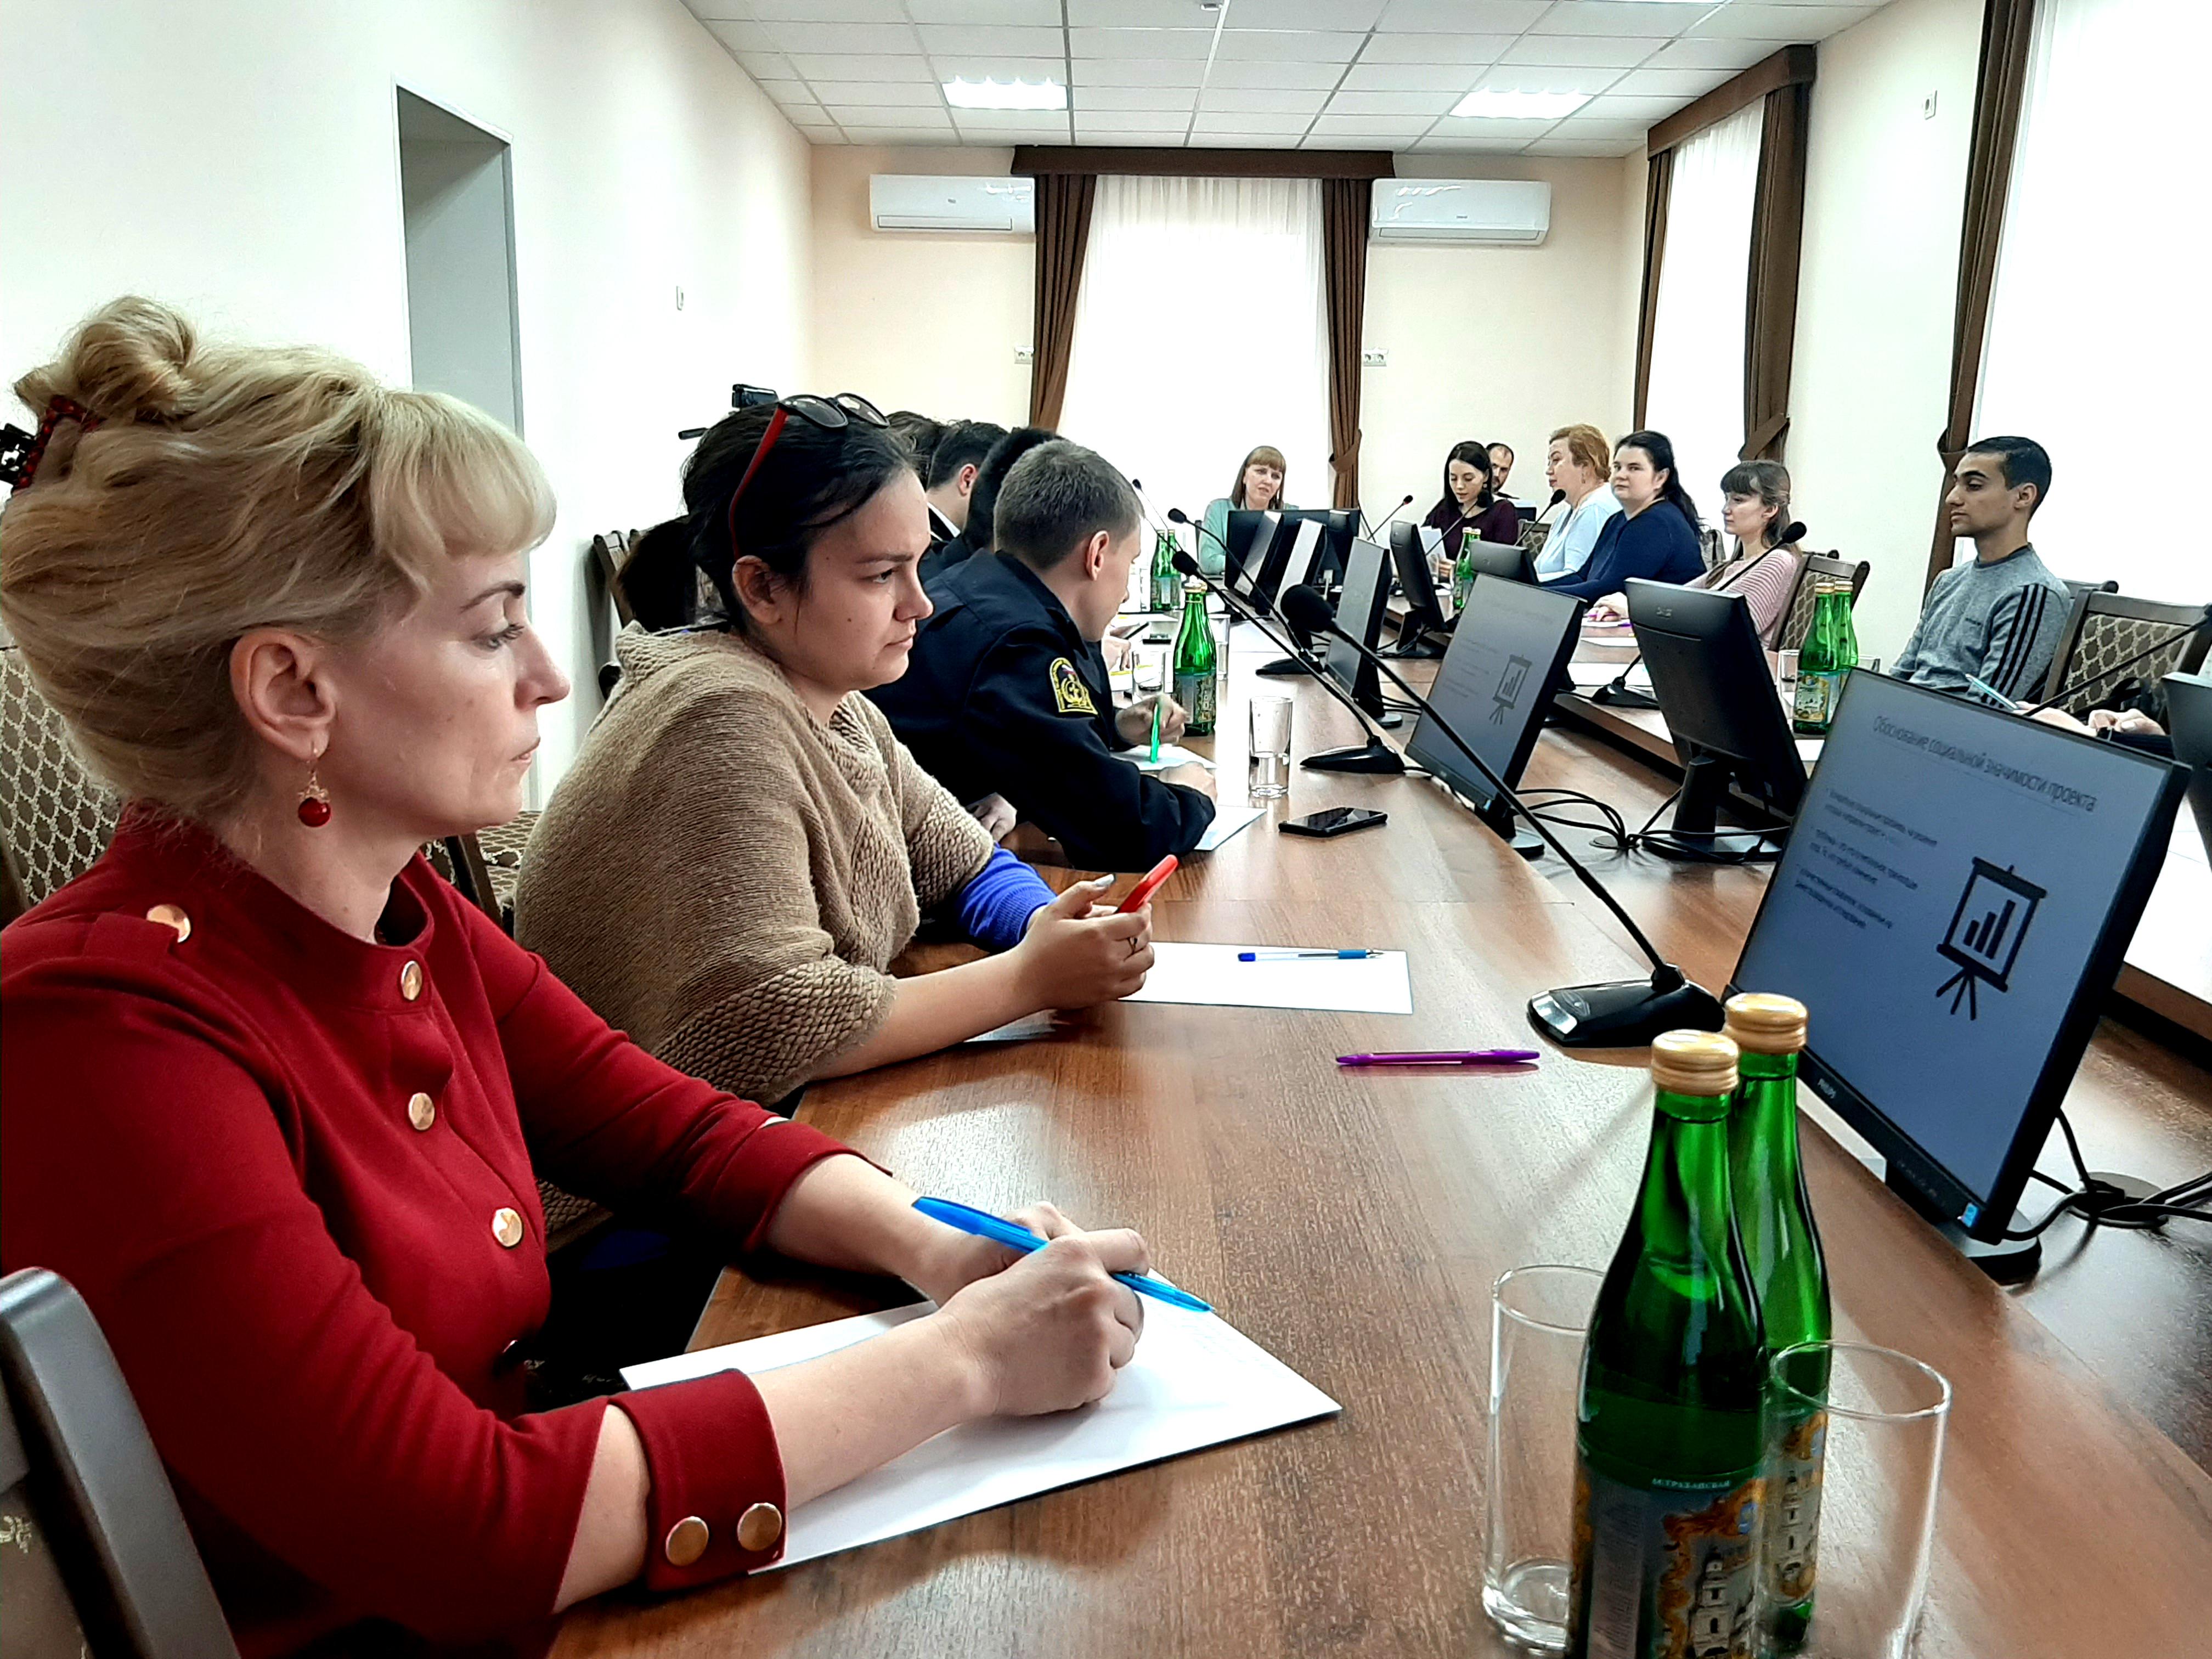 В молодежном Этноклубе обсудили вопросы проектной деятельности